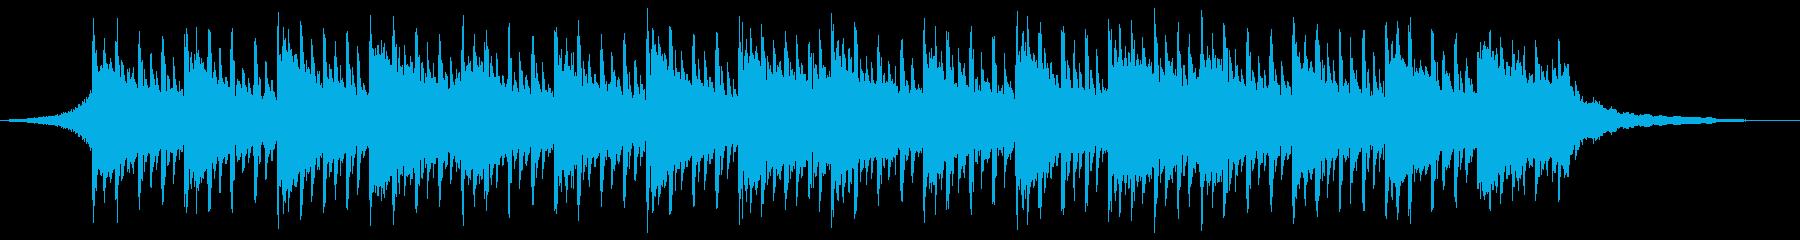 プレゼンテーションテクノロジー(45秒)の再生済みの波形